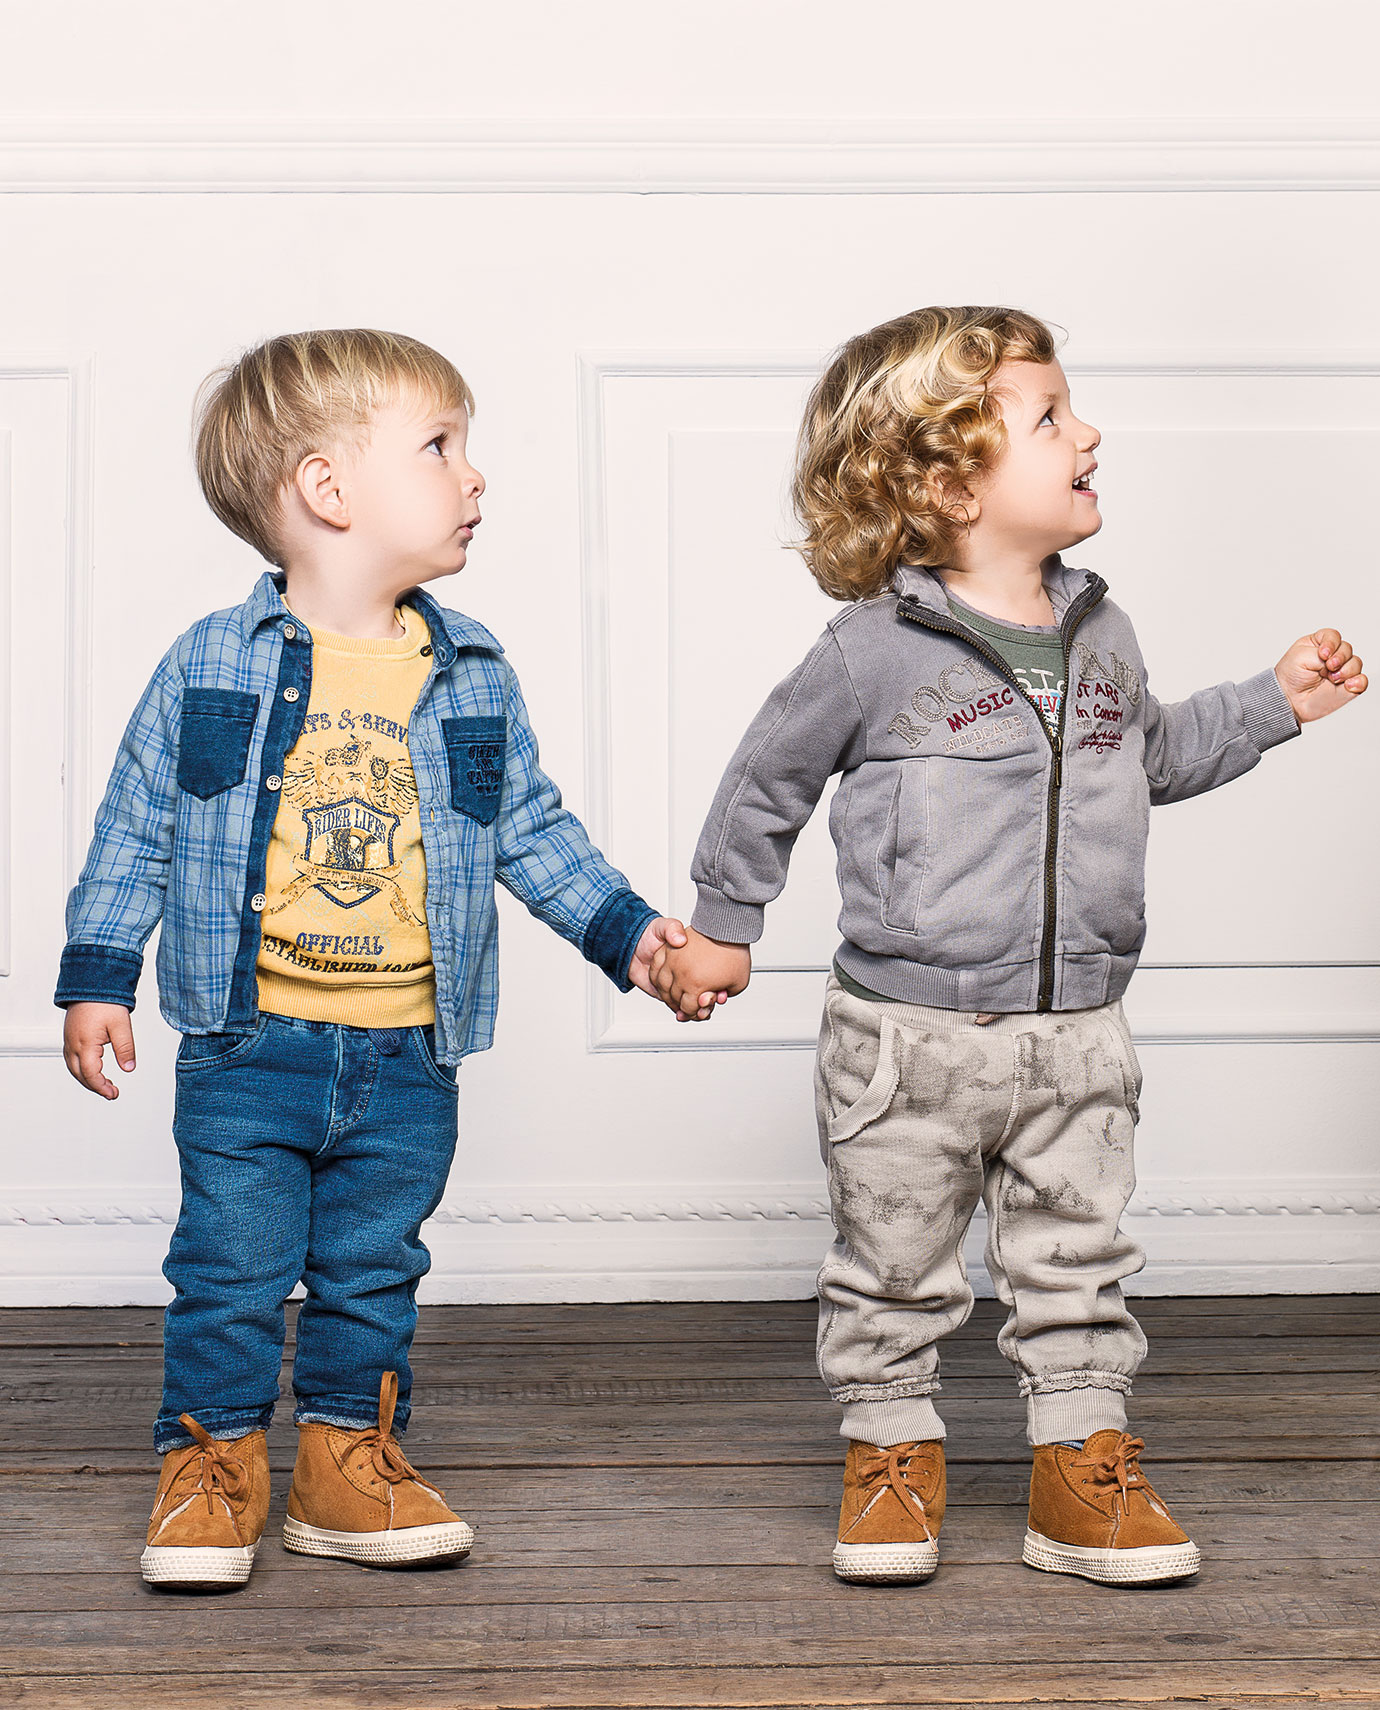 Abbigliamento bambini online anni Dal lavoriamo con passione per offrirvi la migliore esperienza di acquisto online. Ogni giorno selezioniamo per voi i migliori marchi di abbigliamento per neonati e bambini per darvi la possibilità di scegliere i migliori prodotti sul mercato.